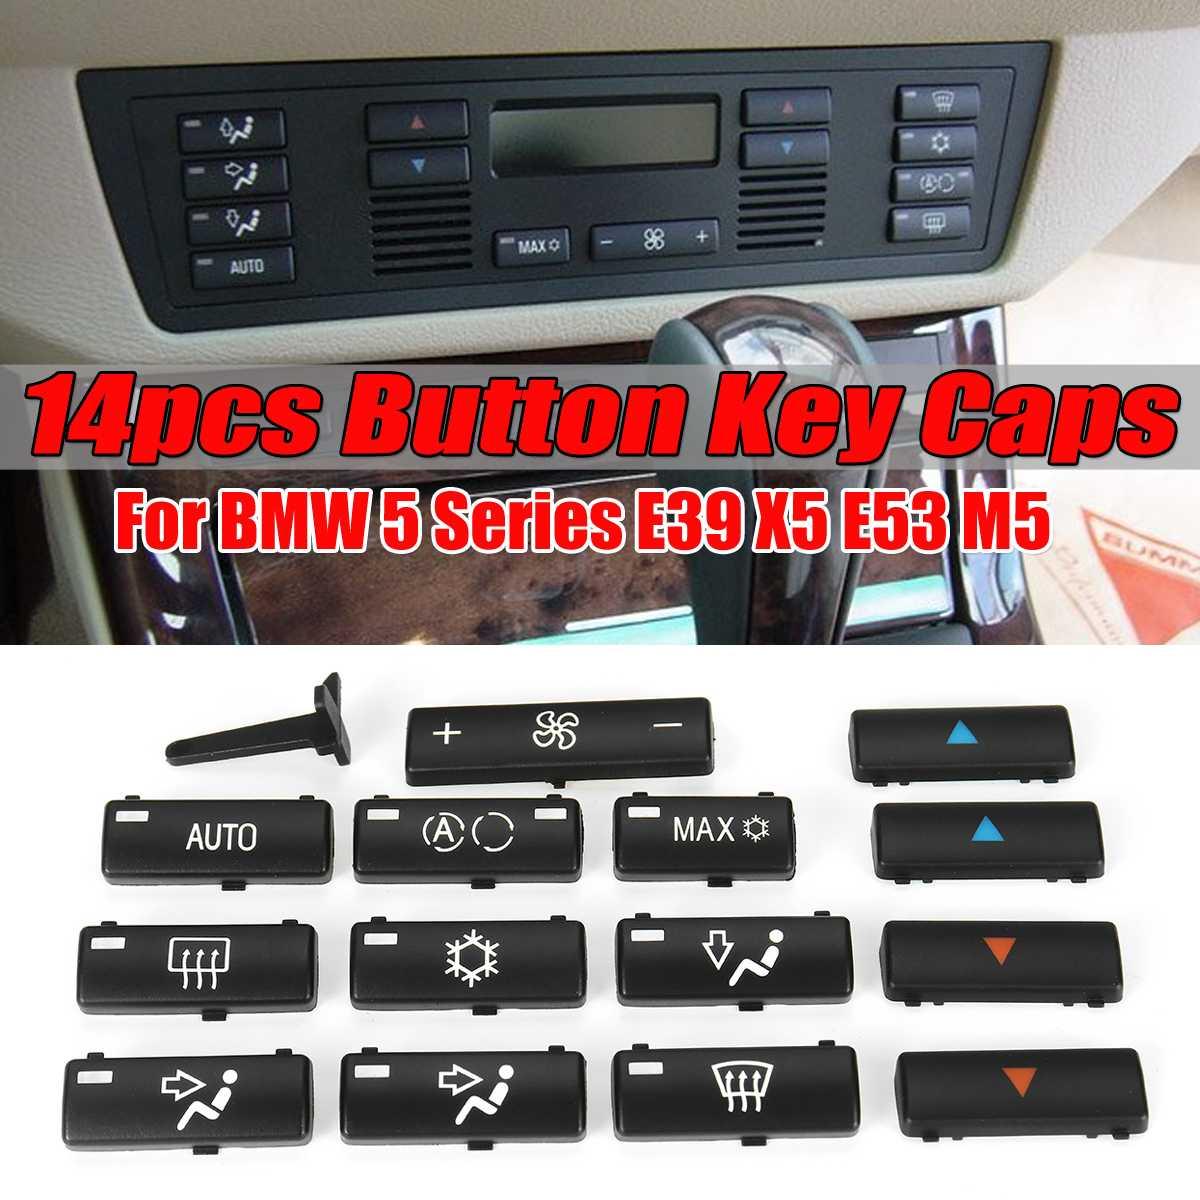 14 кнопочных колпачков для ключей, сменная панель управления, переключатель кнопок для BMW E39 E53 525i 530i 540i M5 X5